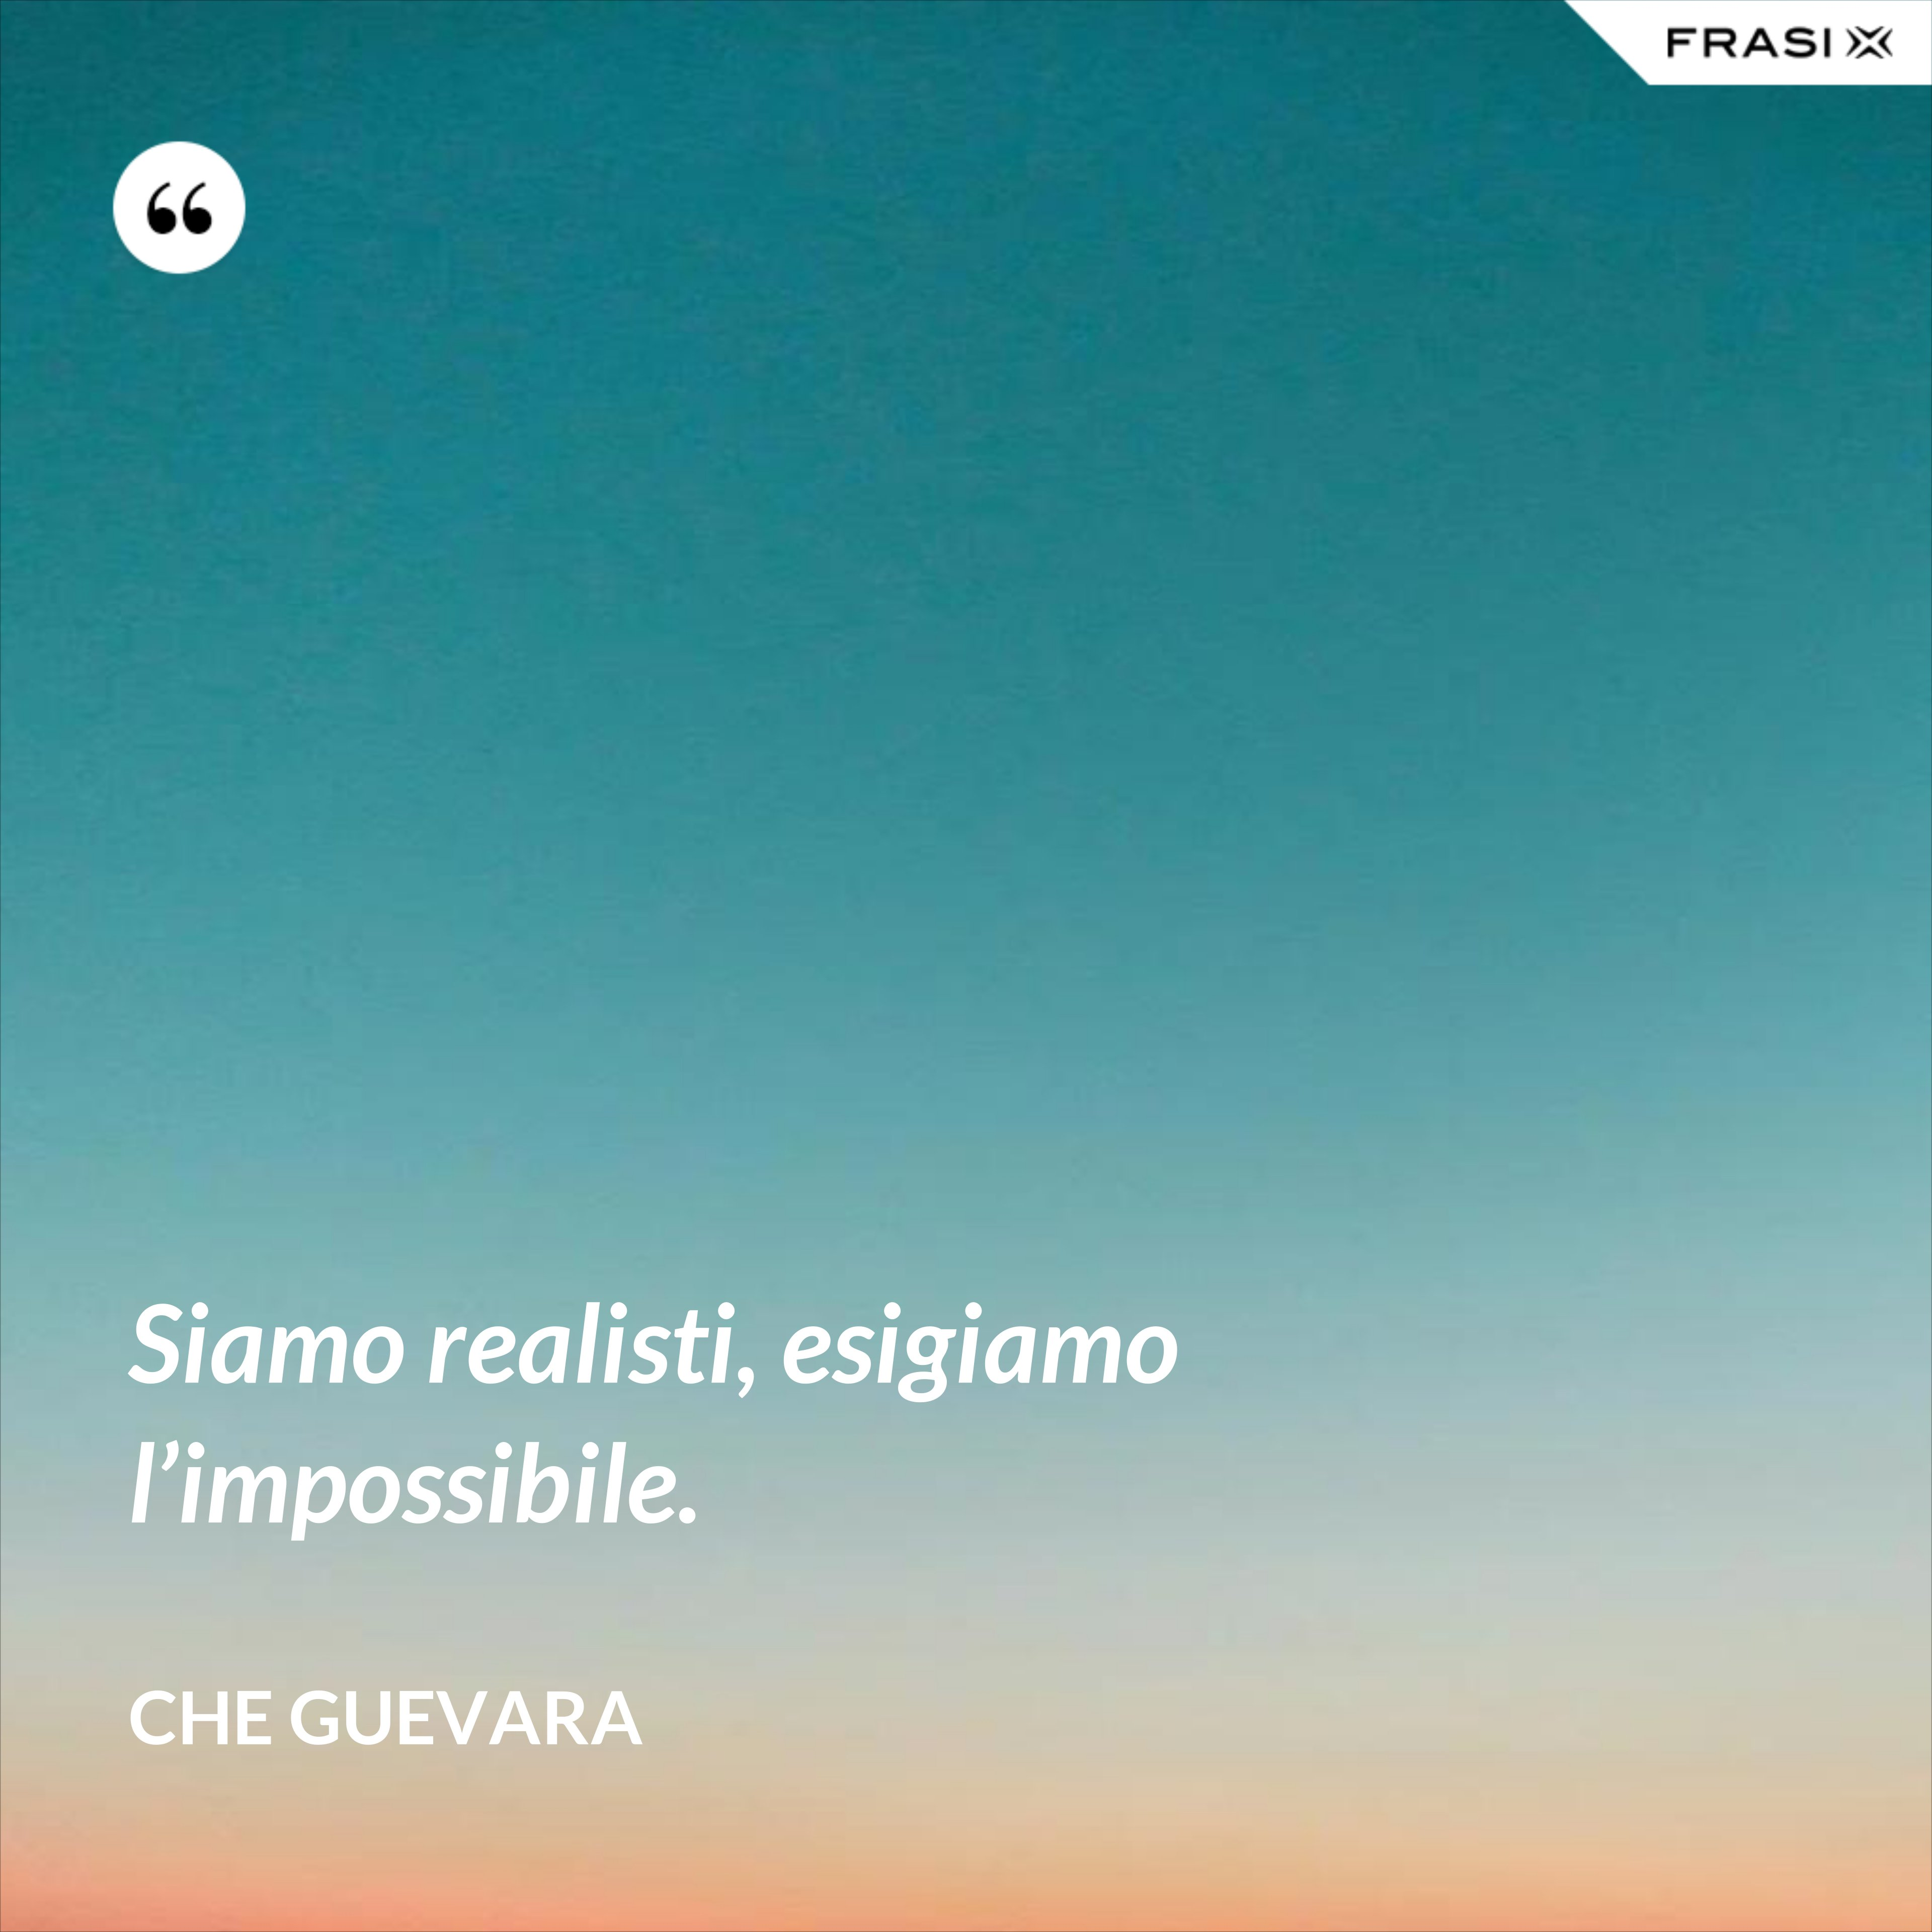 Siamo realisti, esigiamo l'impossibile. - Che Guevara